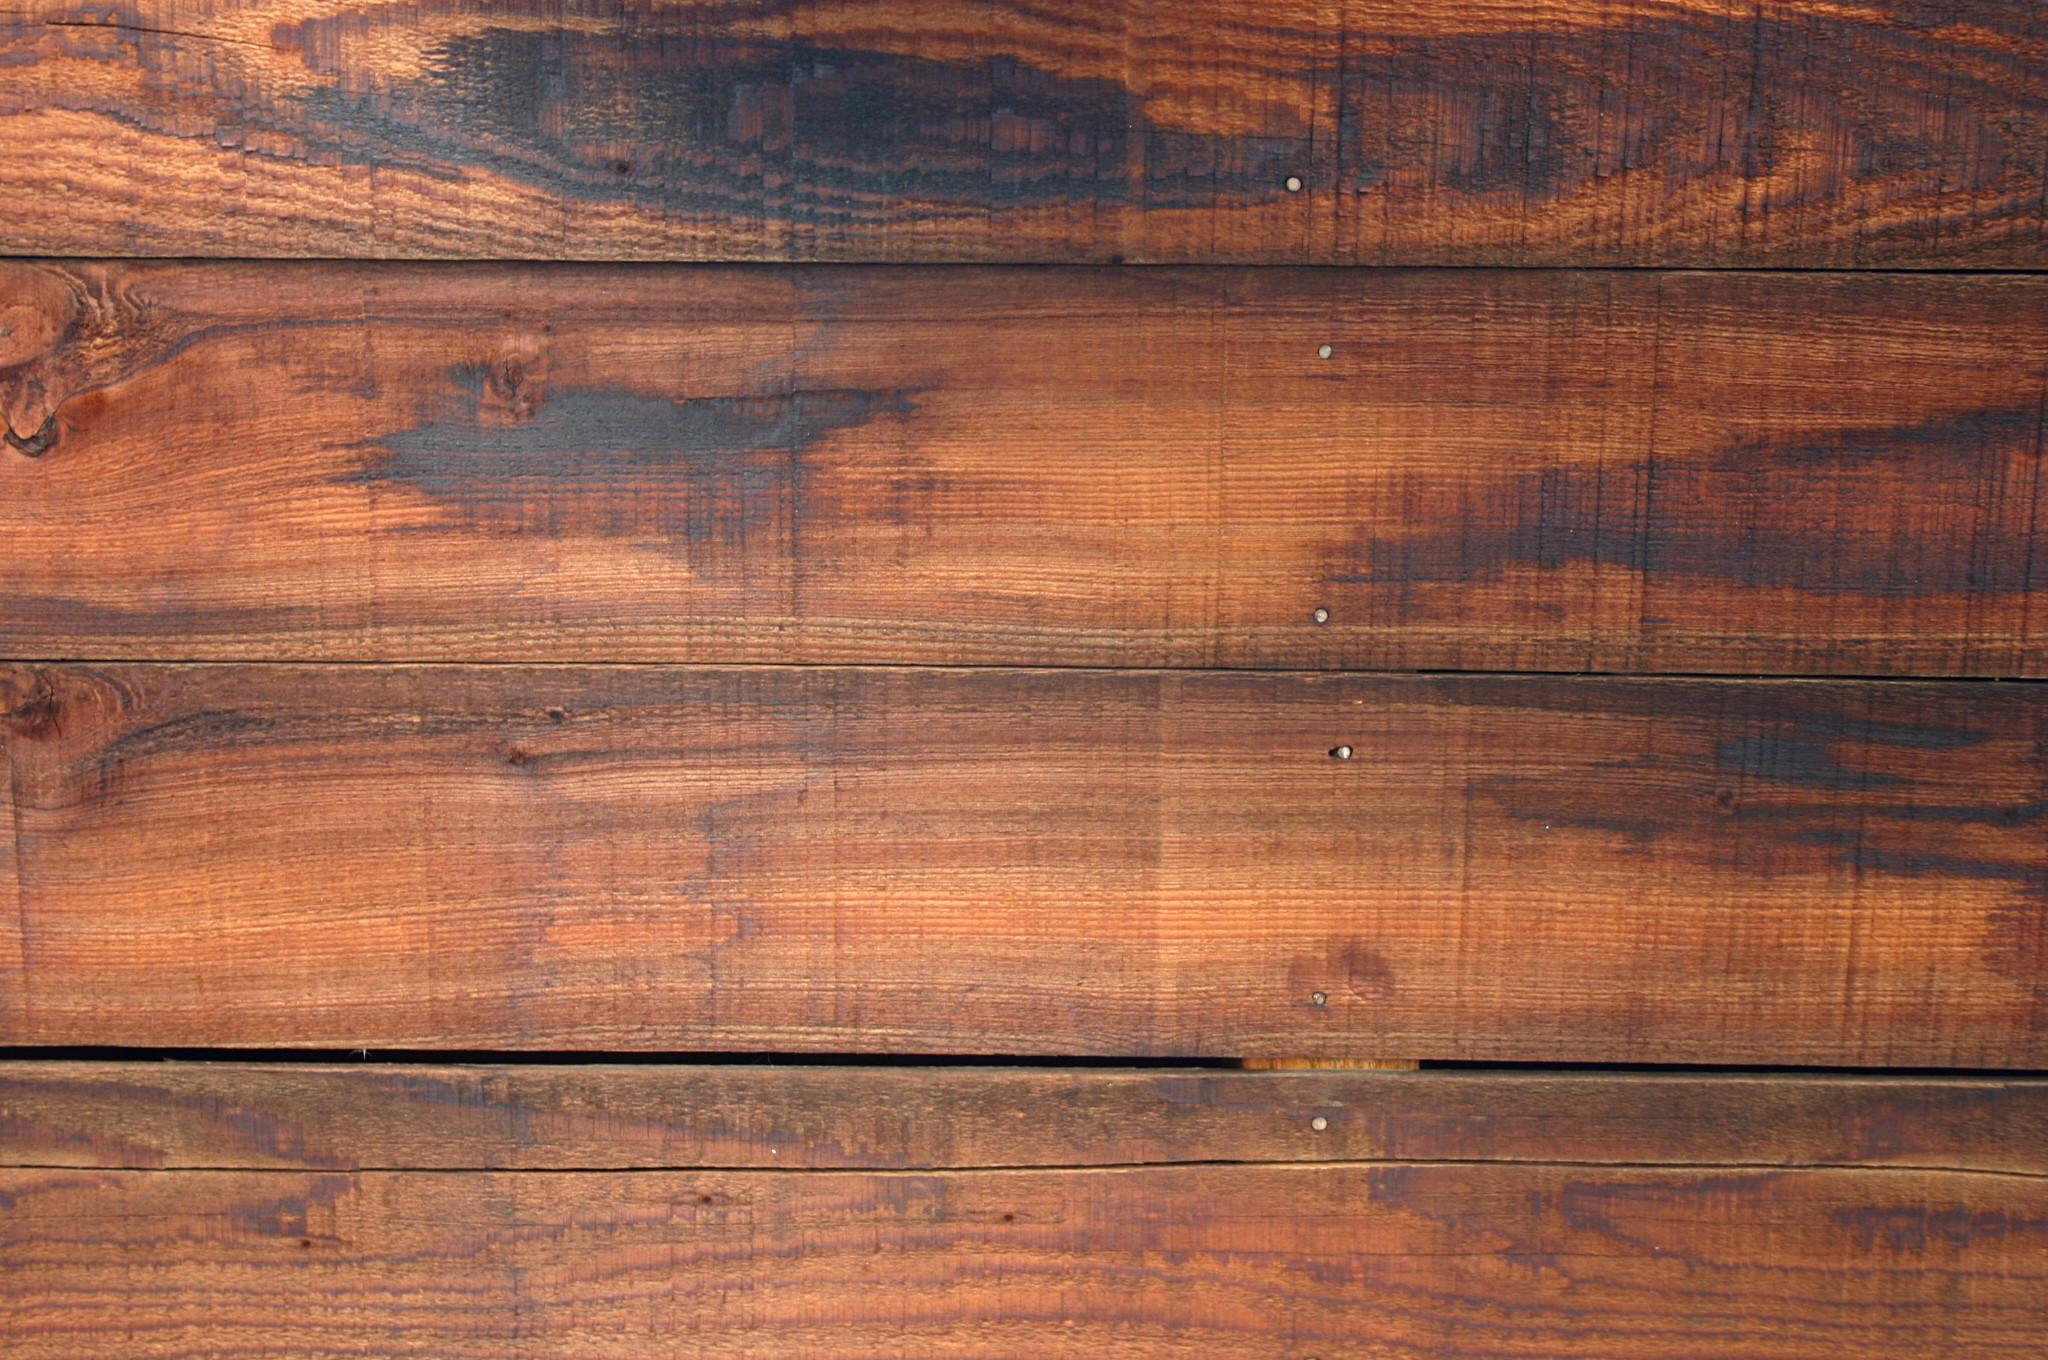 … Wood Floor And Old Wood Floor …